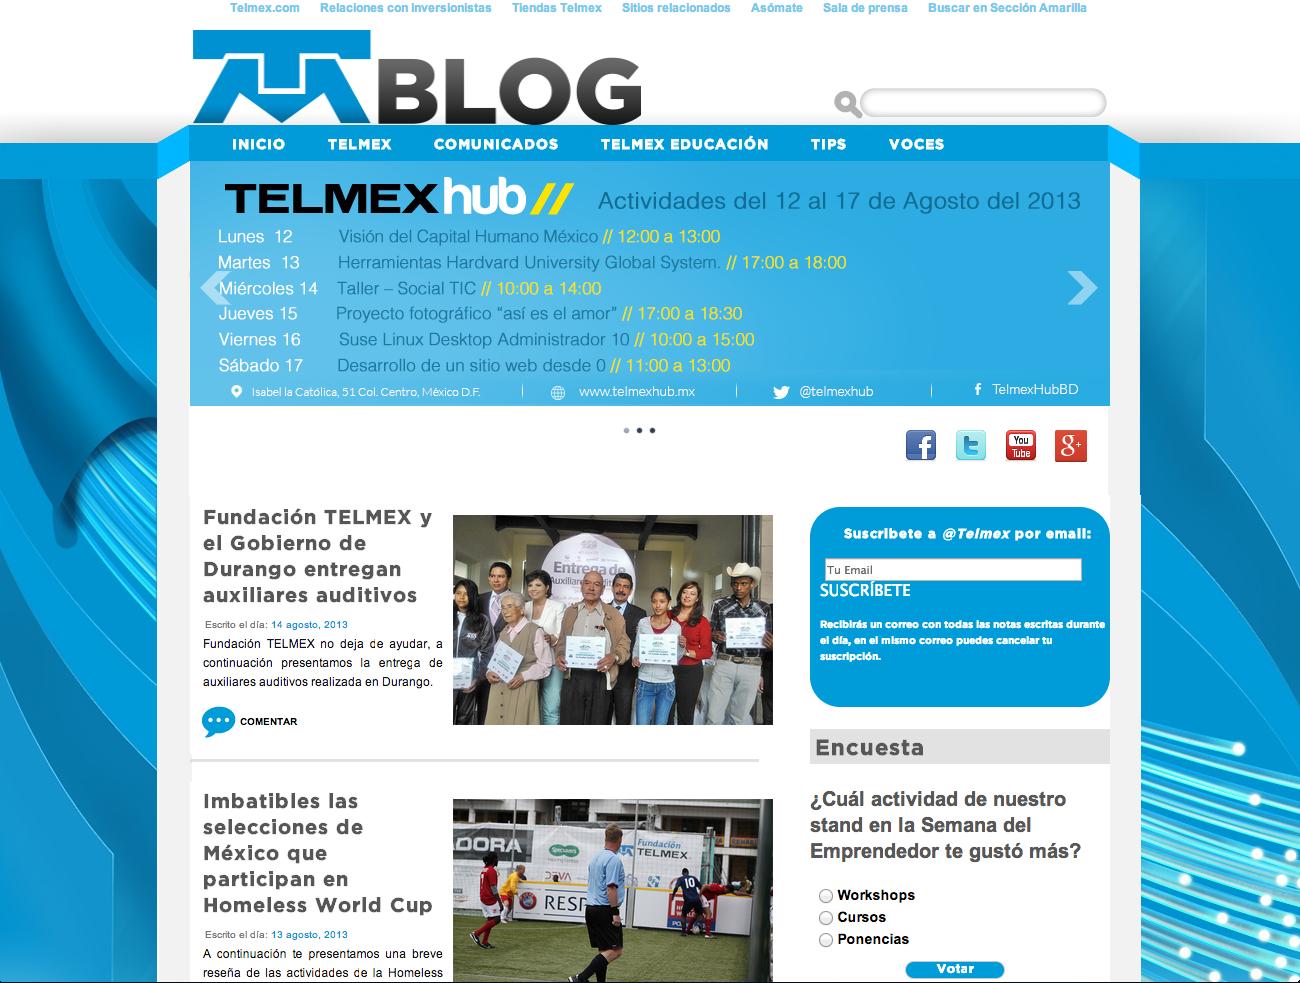 Telmex Blog